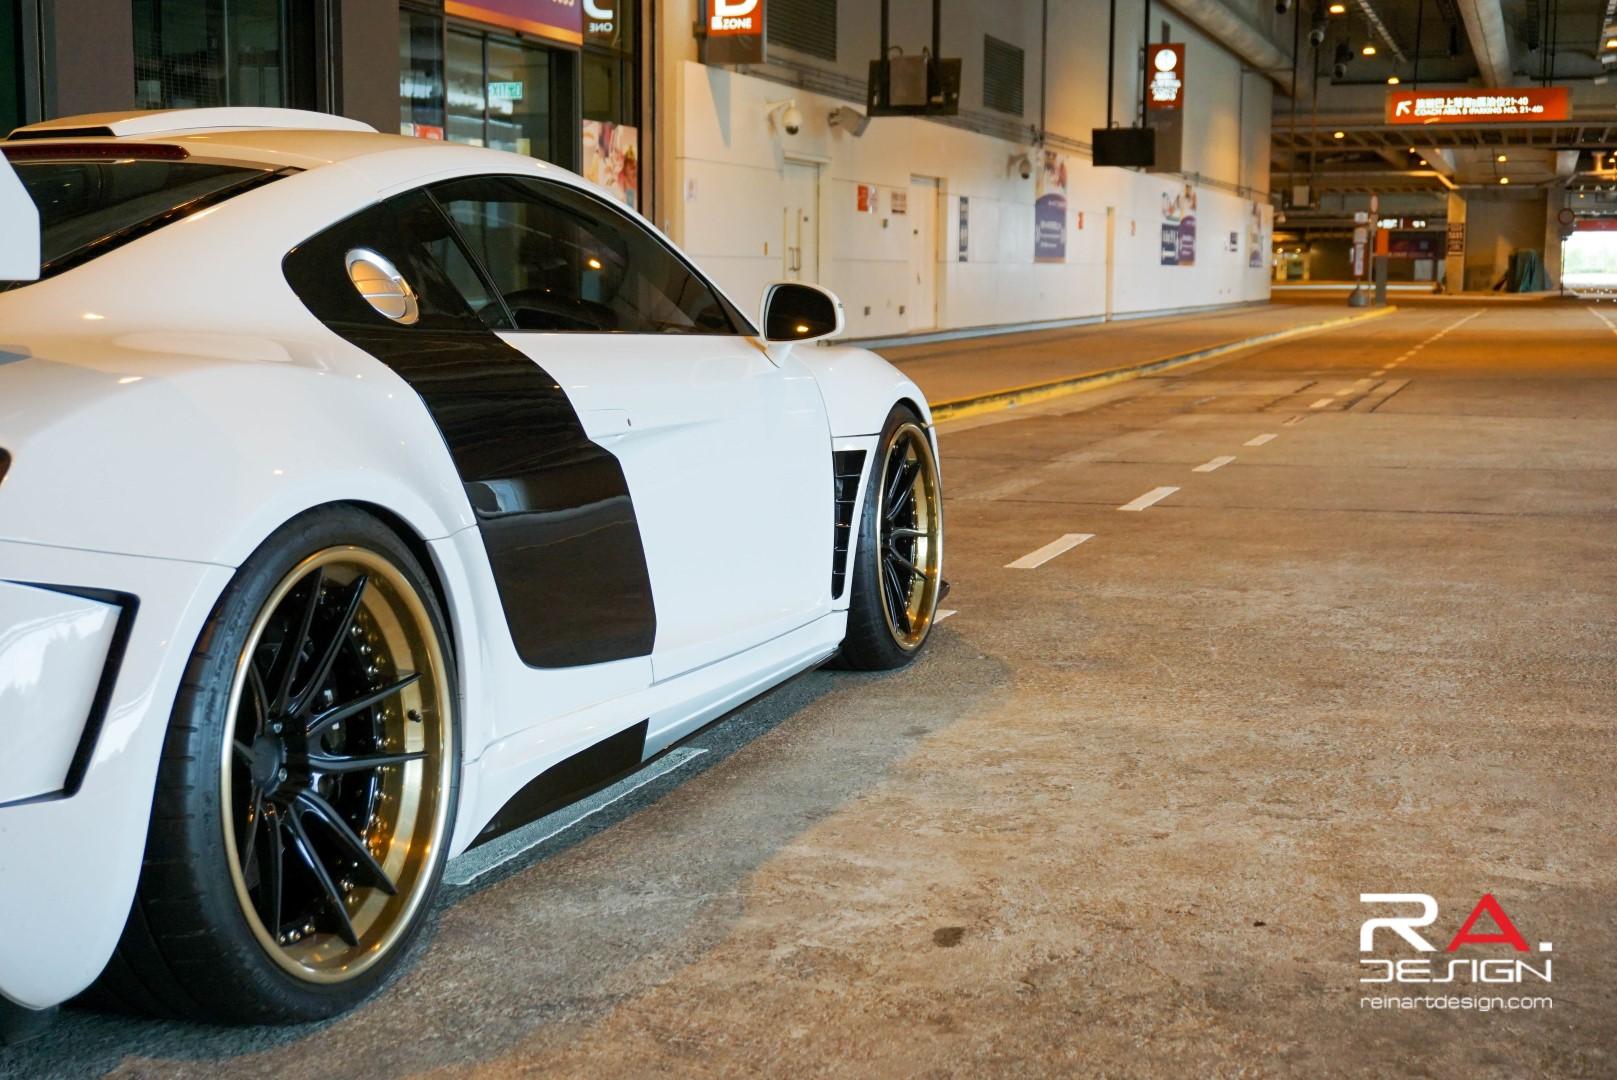 Prior Design Gt850 Audi R8 Reinart Design Ra Design